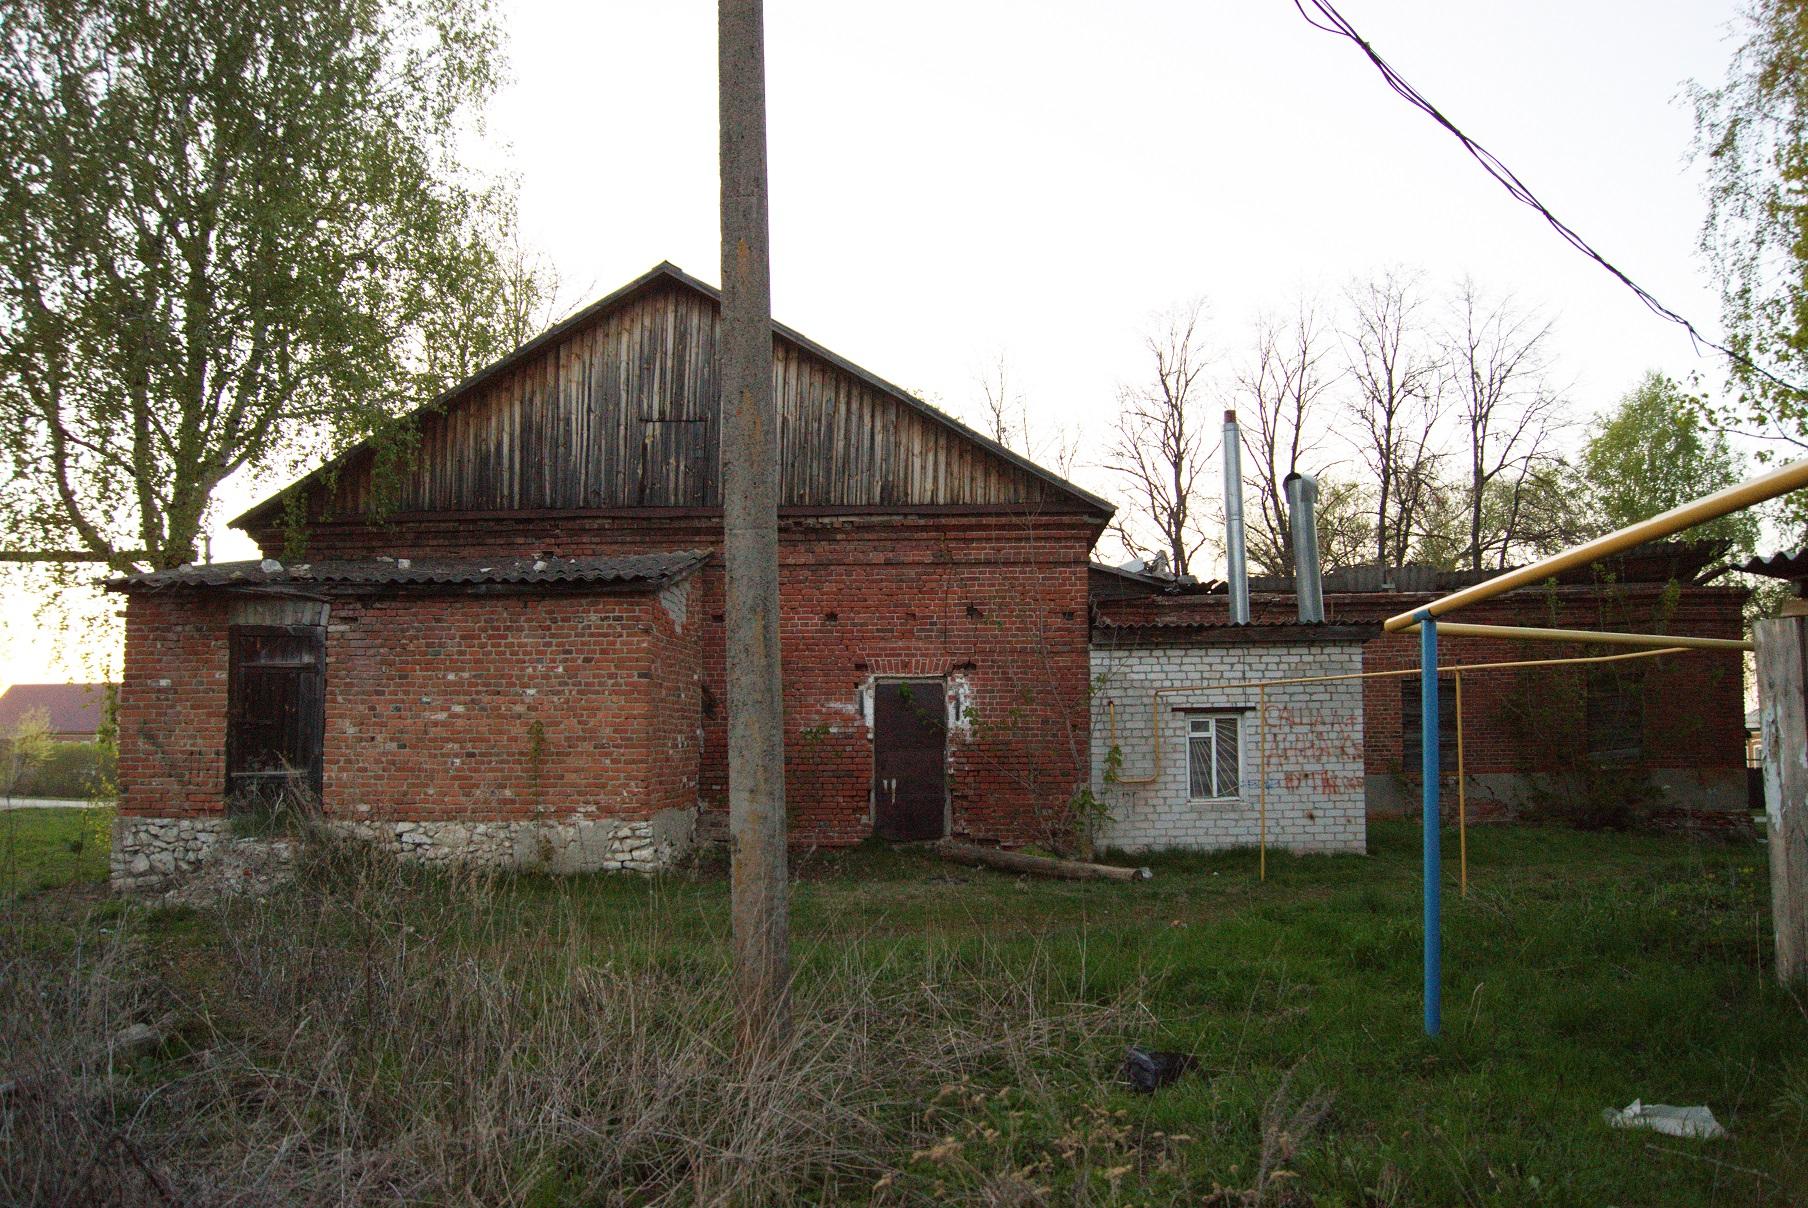 Здание бывшей земской школы в Исадах (ныне сельский клуб). Вид с юга. 2015.